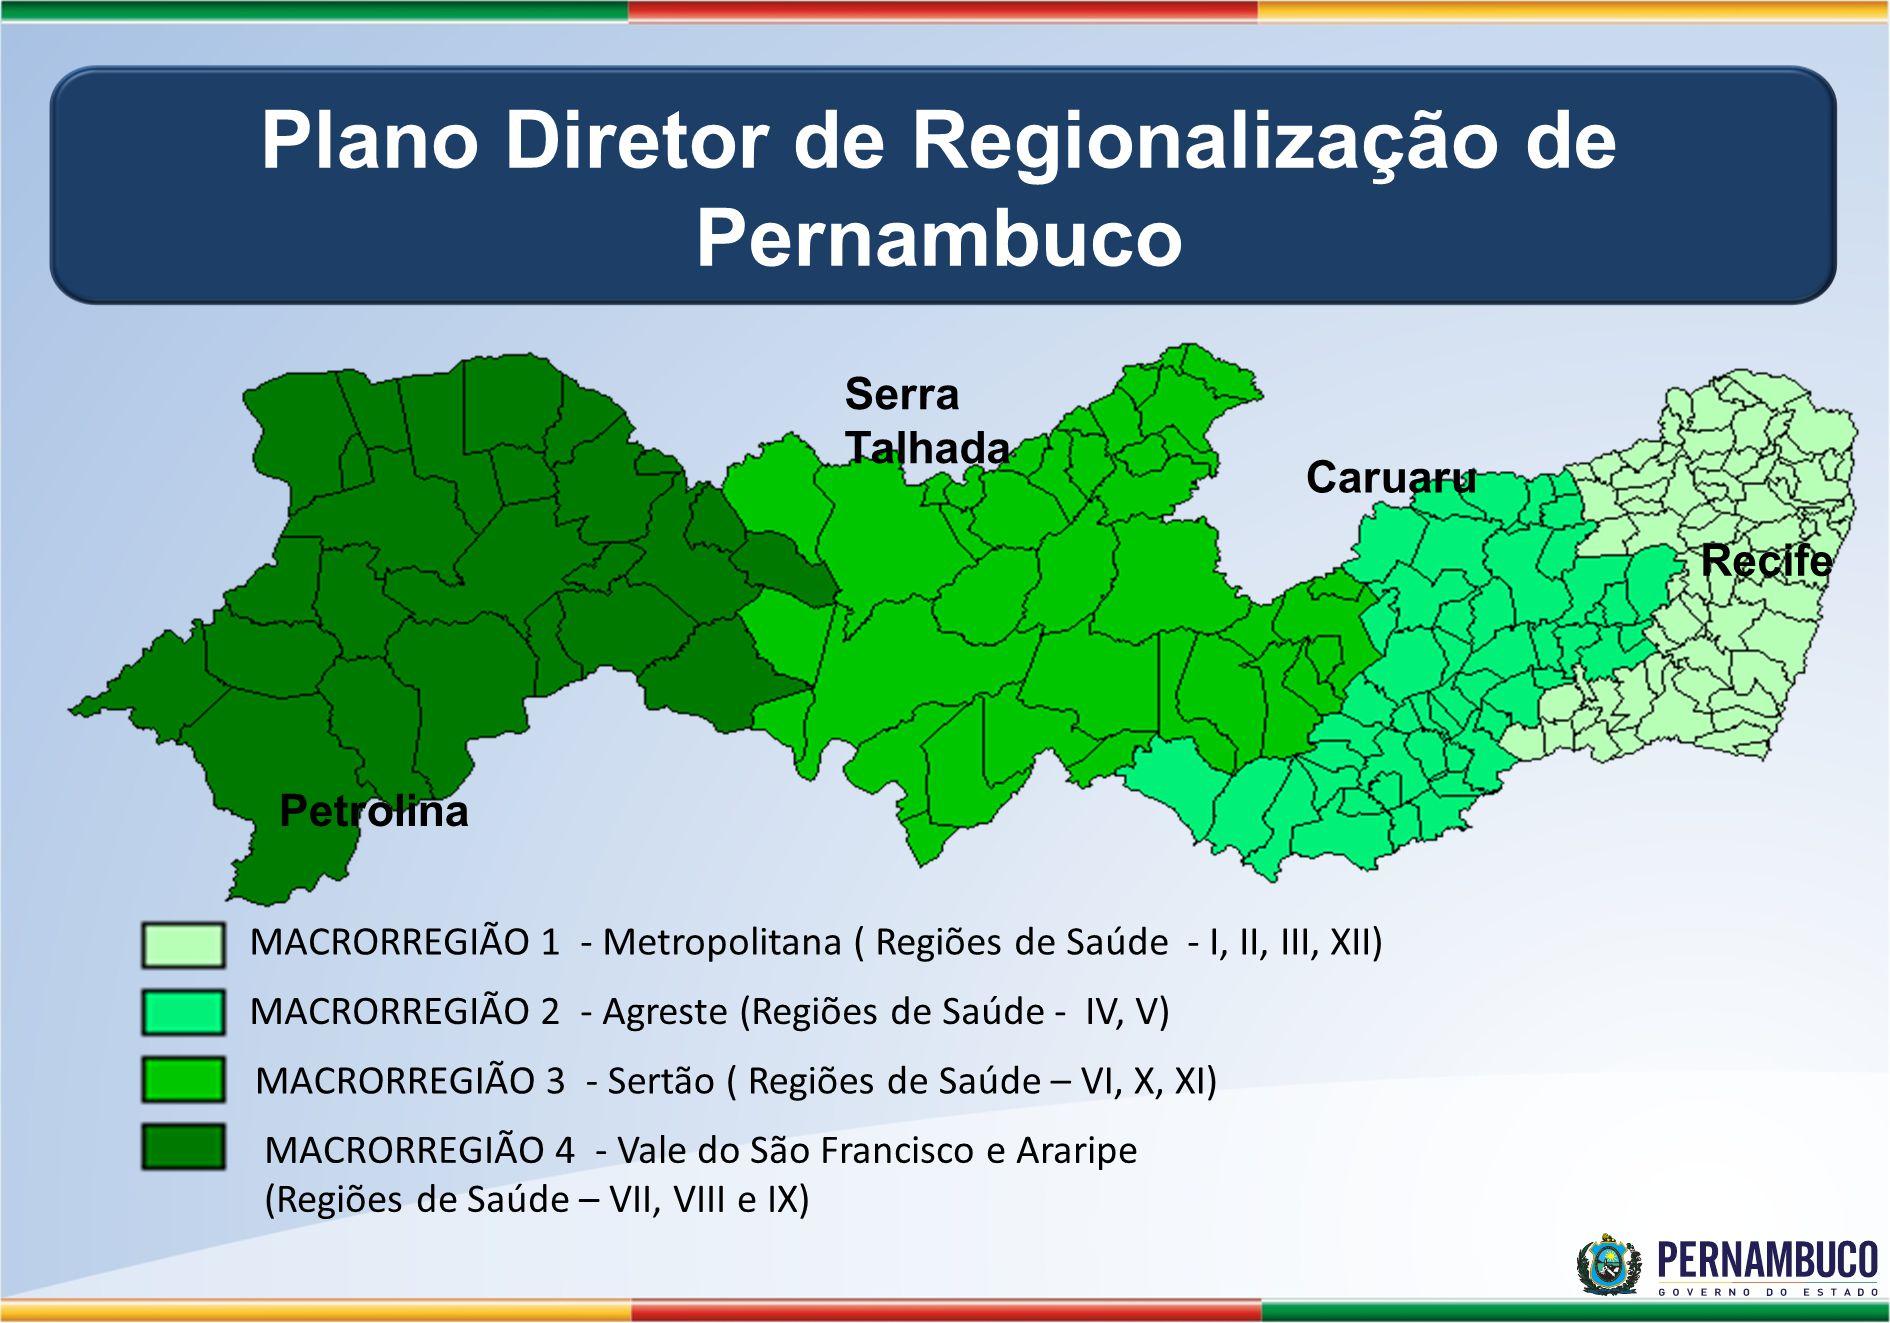 Petrolina Serra Talhada Caruaru Recife MACRORREGIÃO 1 - Metropolitana ( Regiões de Saúde - I, II, III, XII) MACRORREGIÃO 2 - Agreste (Regiões de Saúde - IV, V) MACRORREGIÃO 3 - Sertão ( Regiões de Saúde – VI, X, XI) MACRORREGIÃO 4 - Vale do São Francisco e Araripe (Regiões de Saúde – VII, VIII e IX) Plano Diretor de Regionalização de Pernambuco